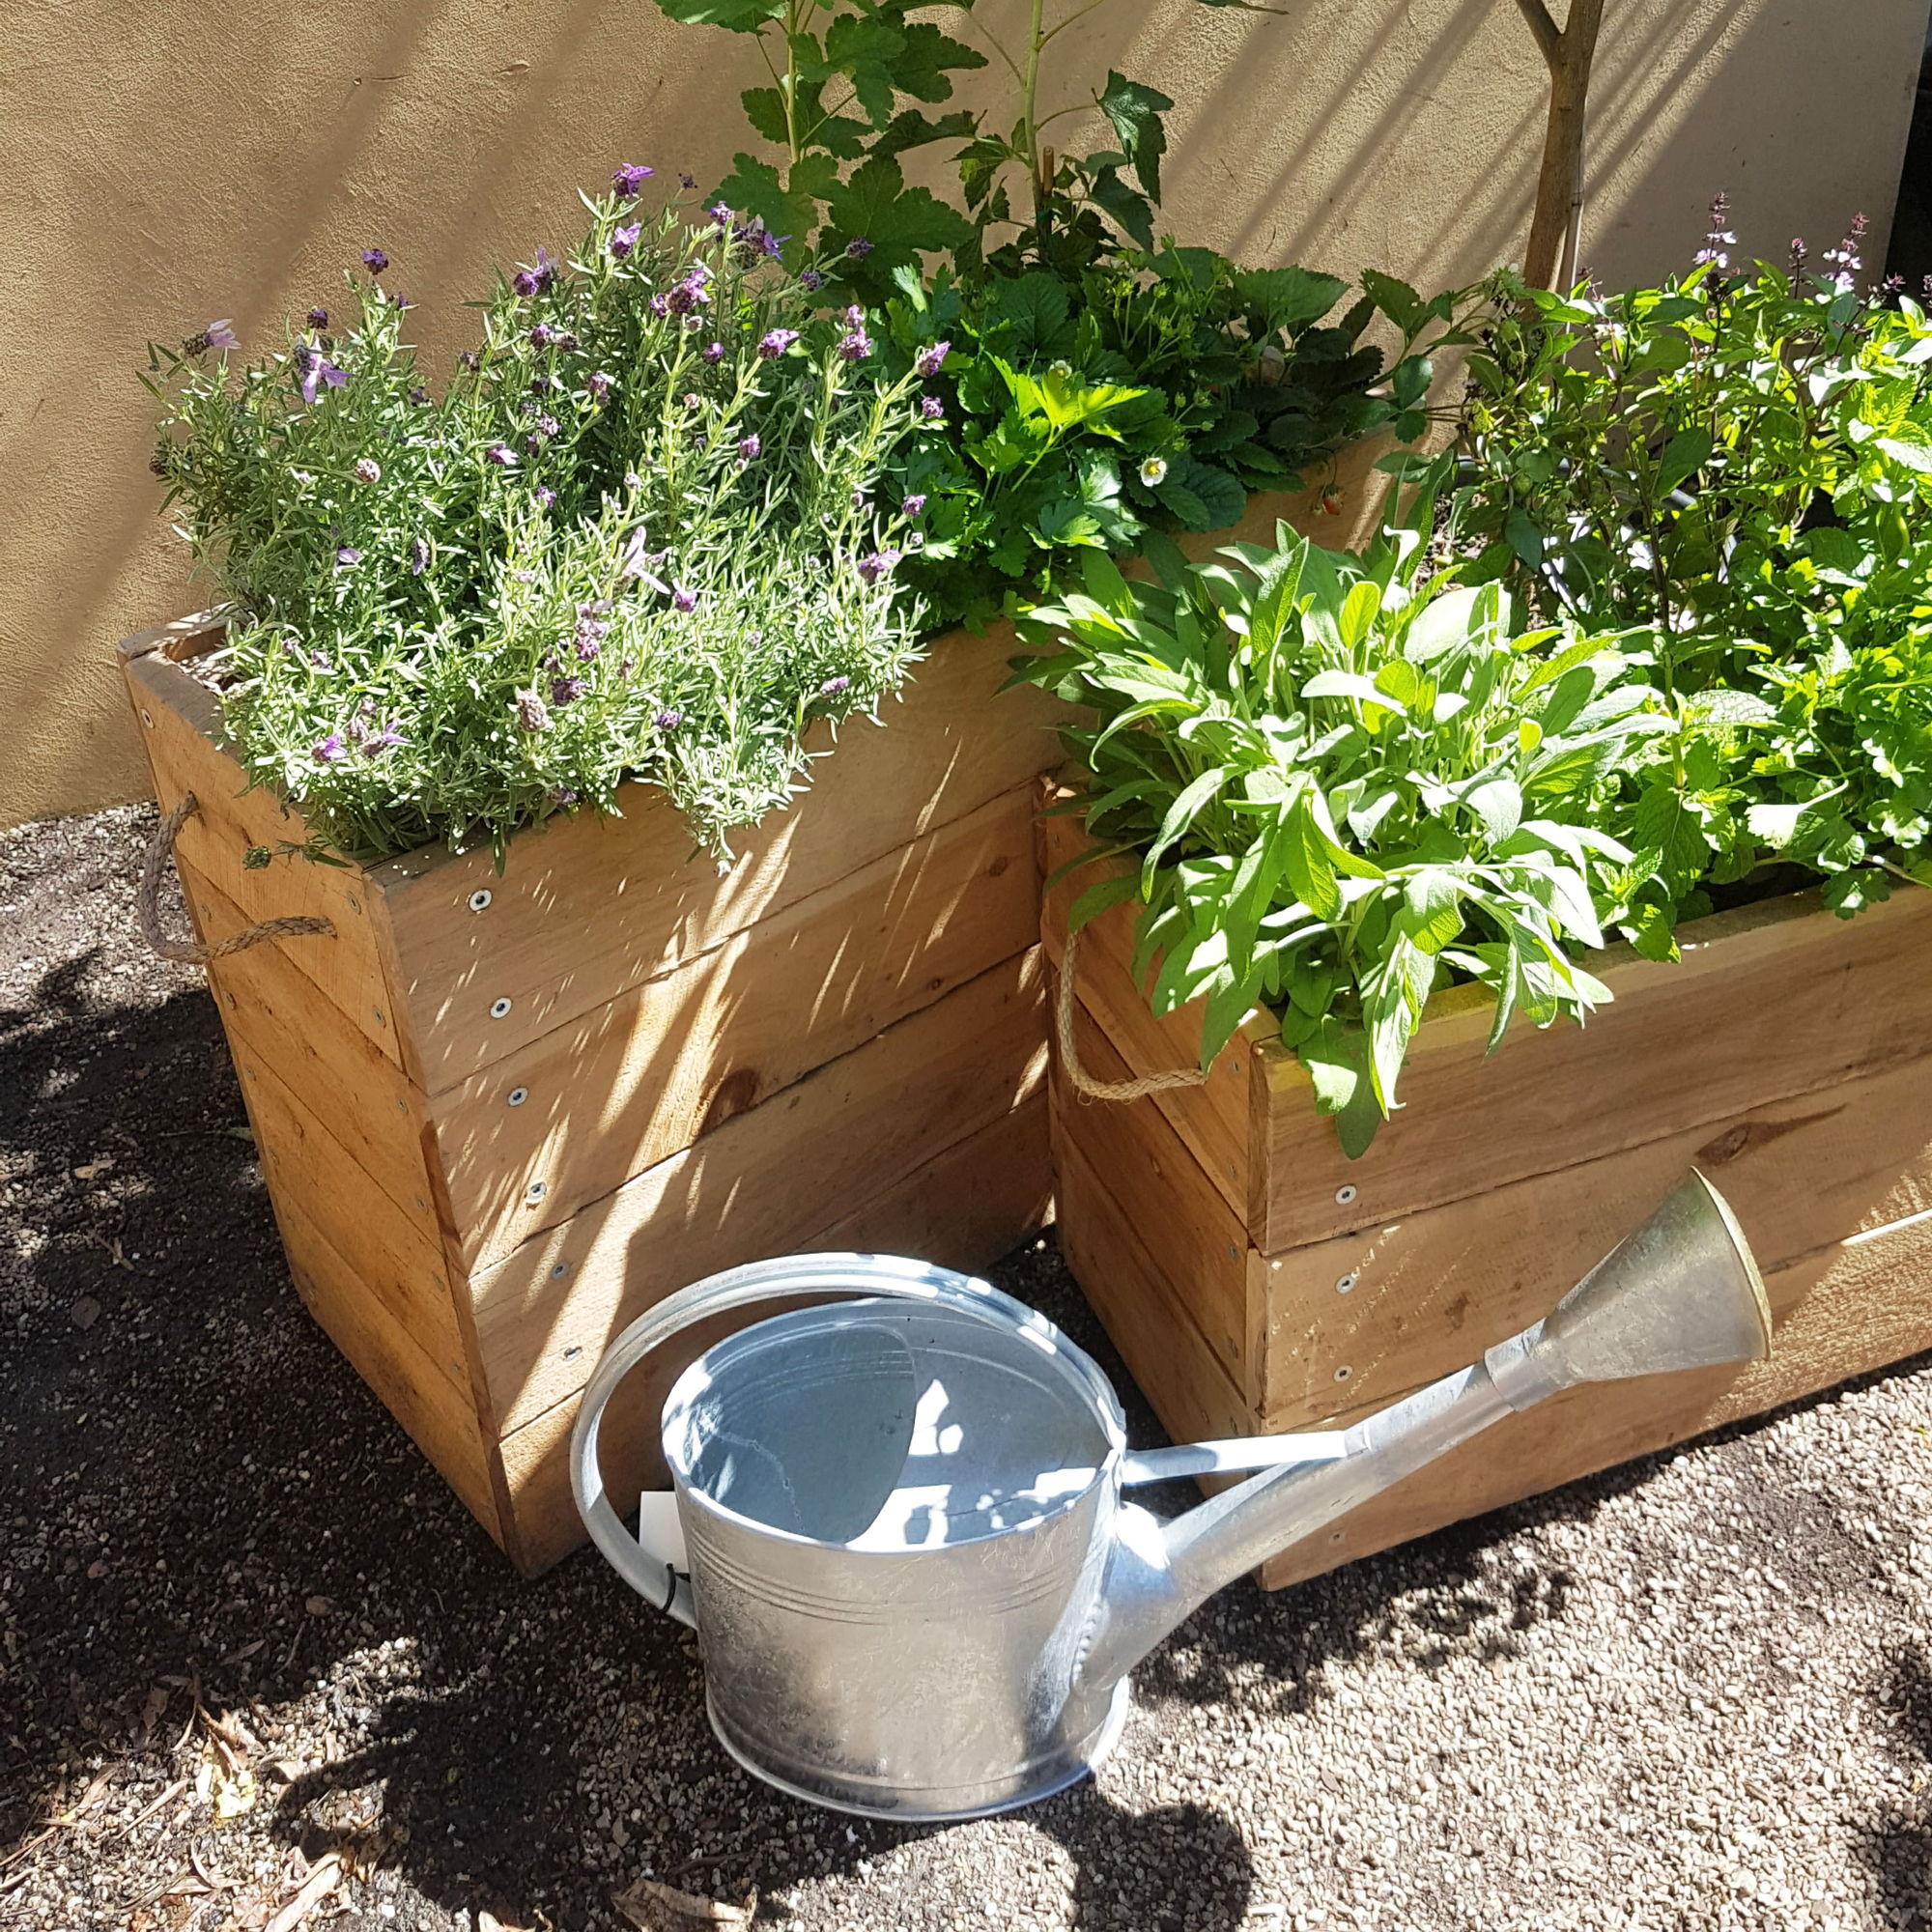 Growing Herbs and Veggies – Fitzroy Nursery